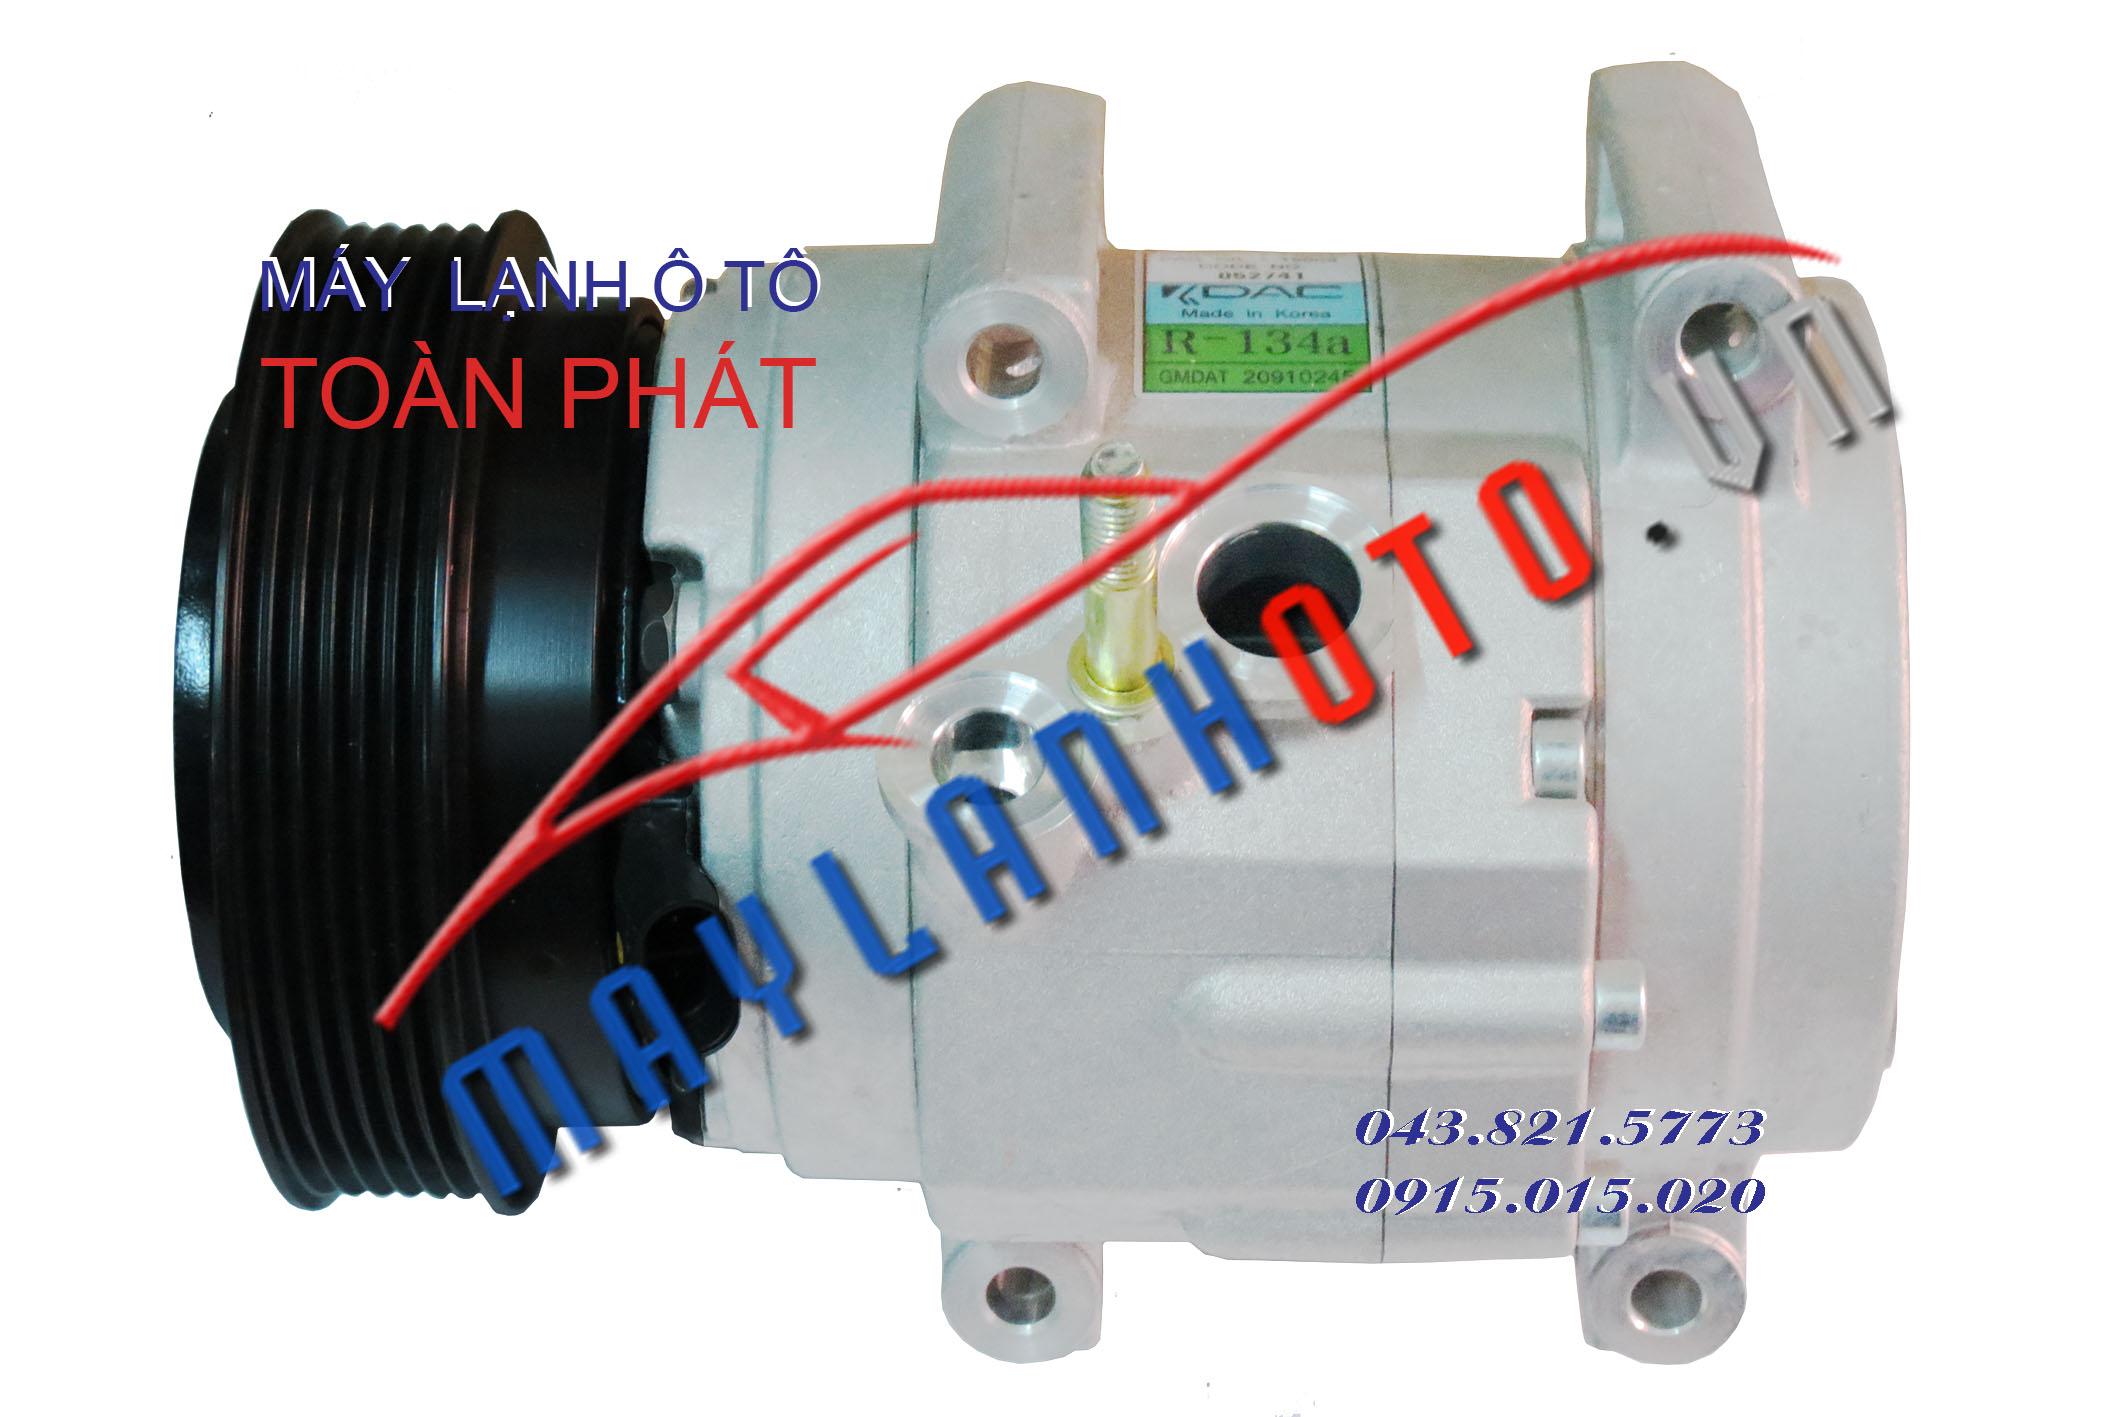 Captiva máy dầu / Lốc lạnh điều hòa Daewoo Captiva máy dầu / Máy nén khí điều hòa Daewoo Captiva máy dầu